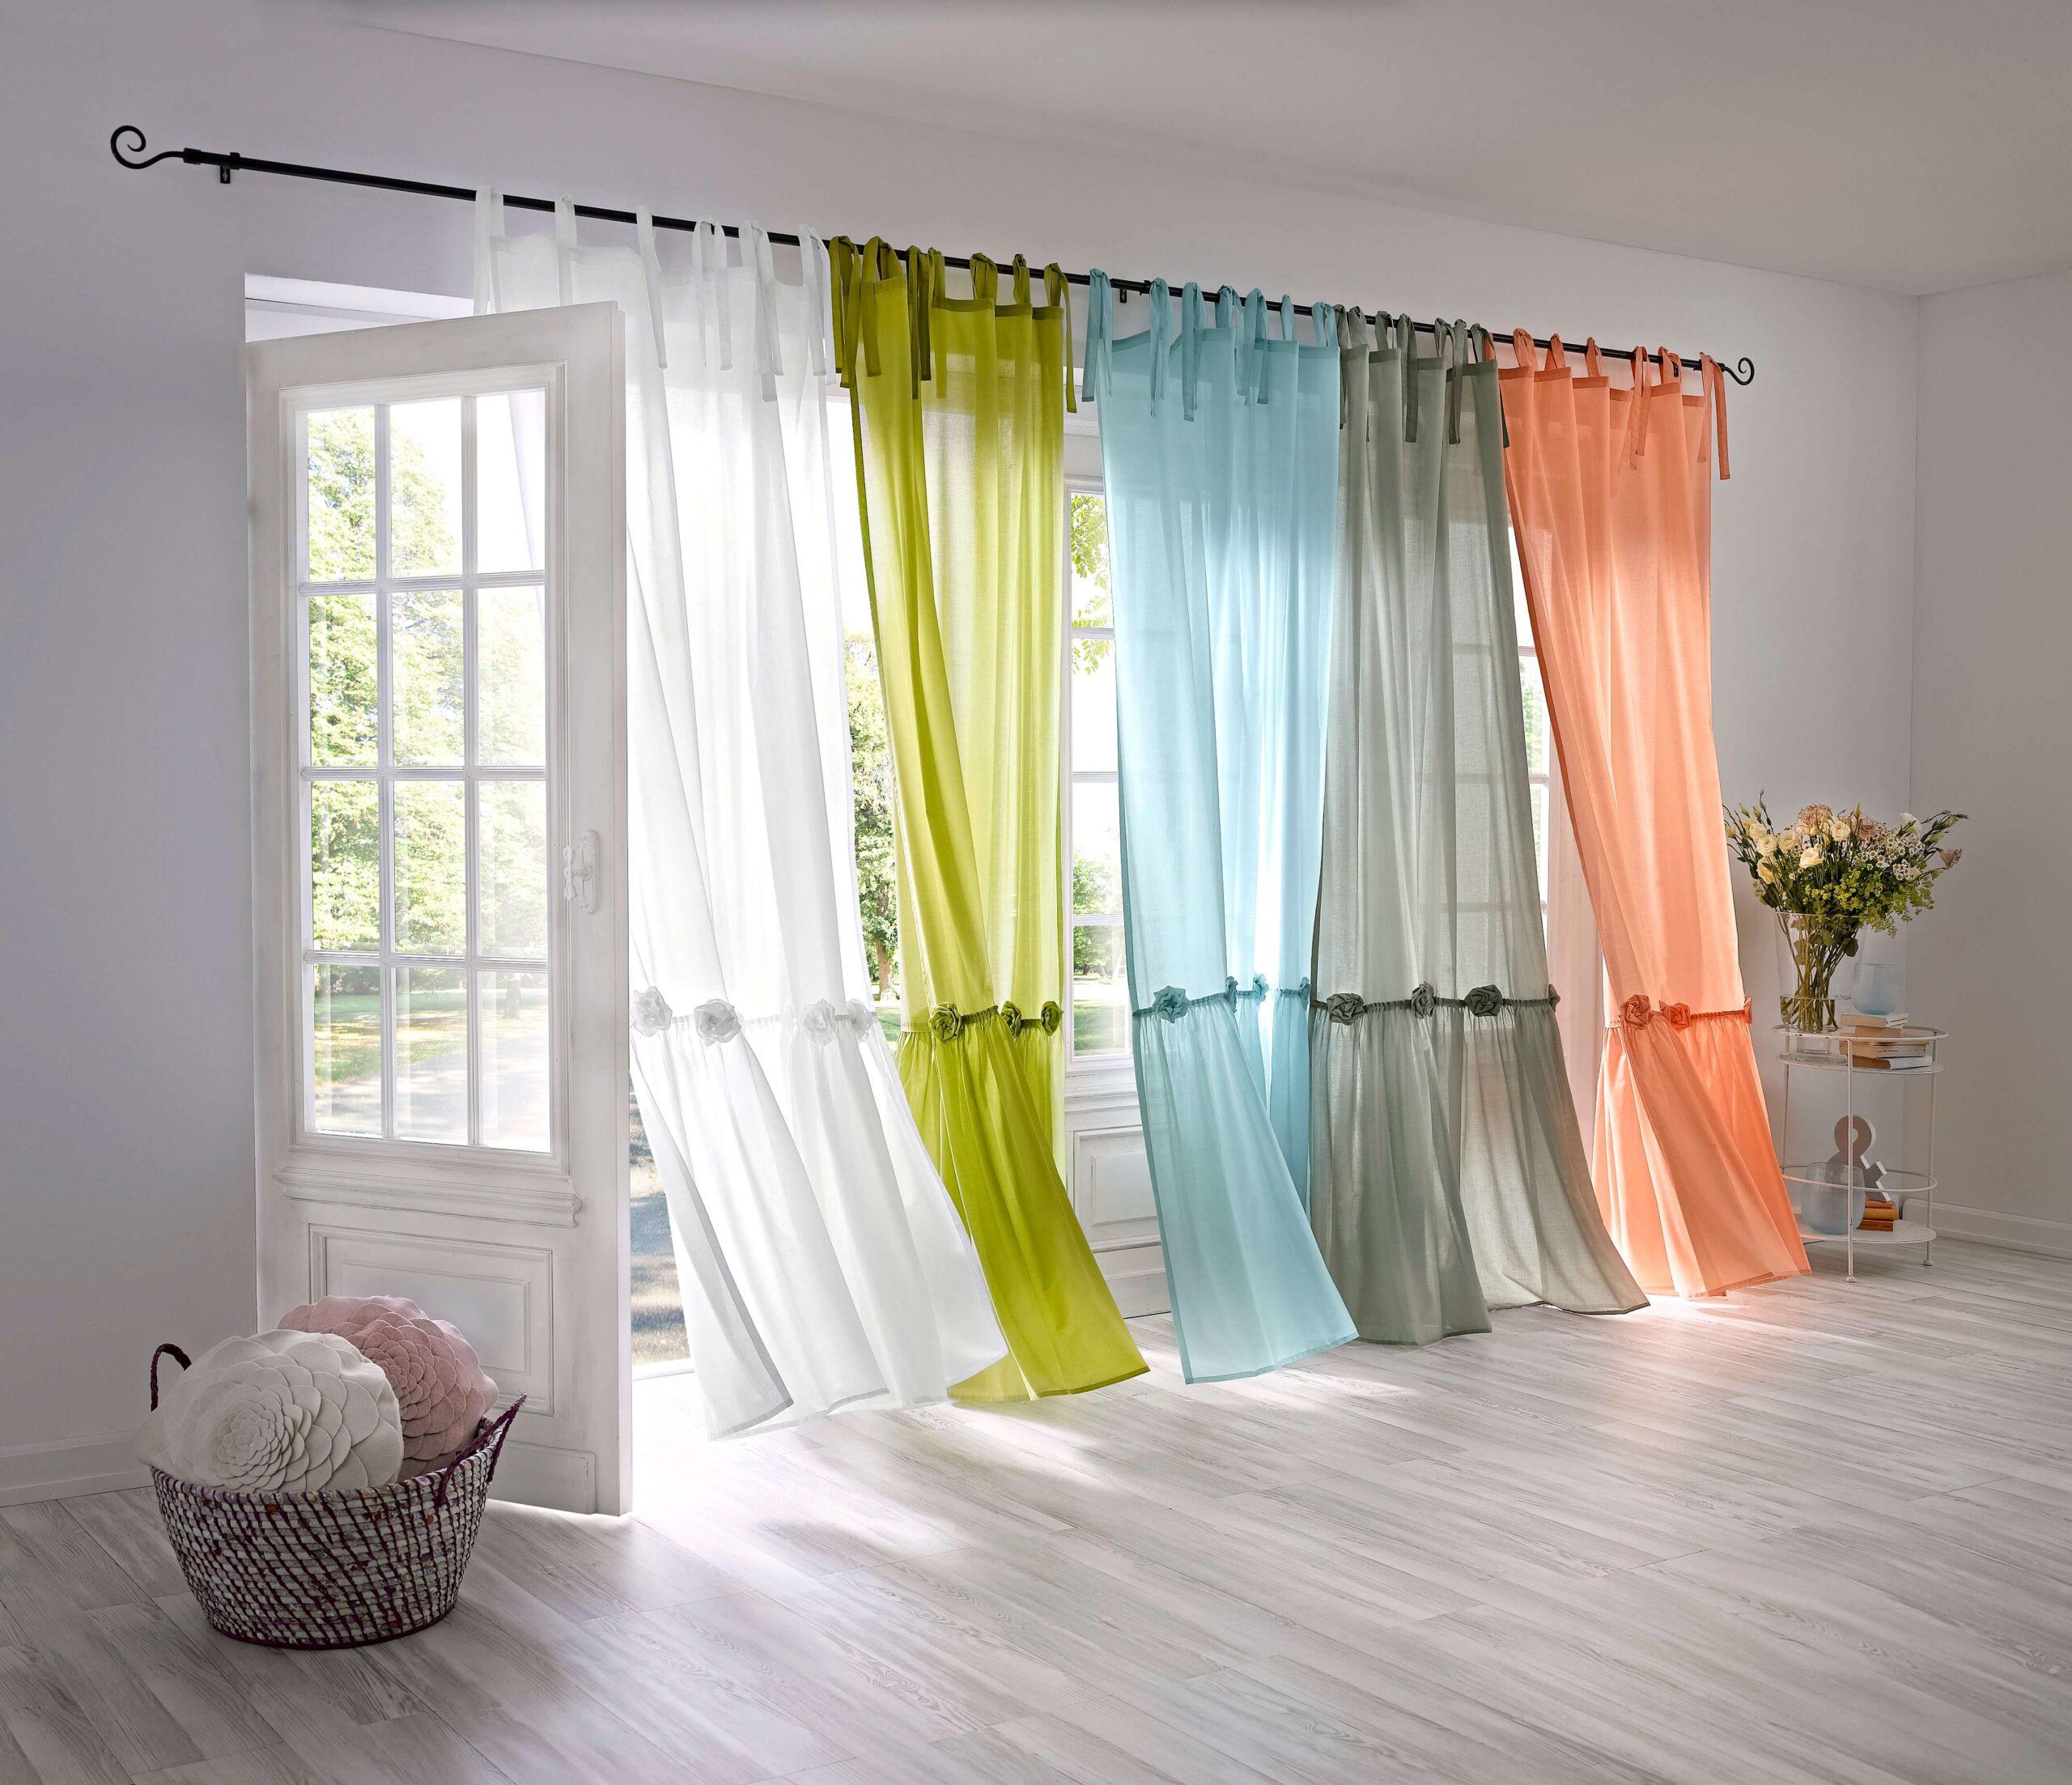 Full Size of Gardinen Rollos Vorhang Auf Fr Unseren Ratgeber Styles Raffrollo Küche Wohnzimmer Raffrollo Küchenfenster